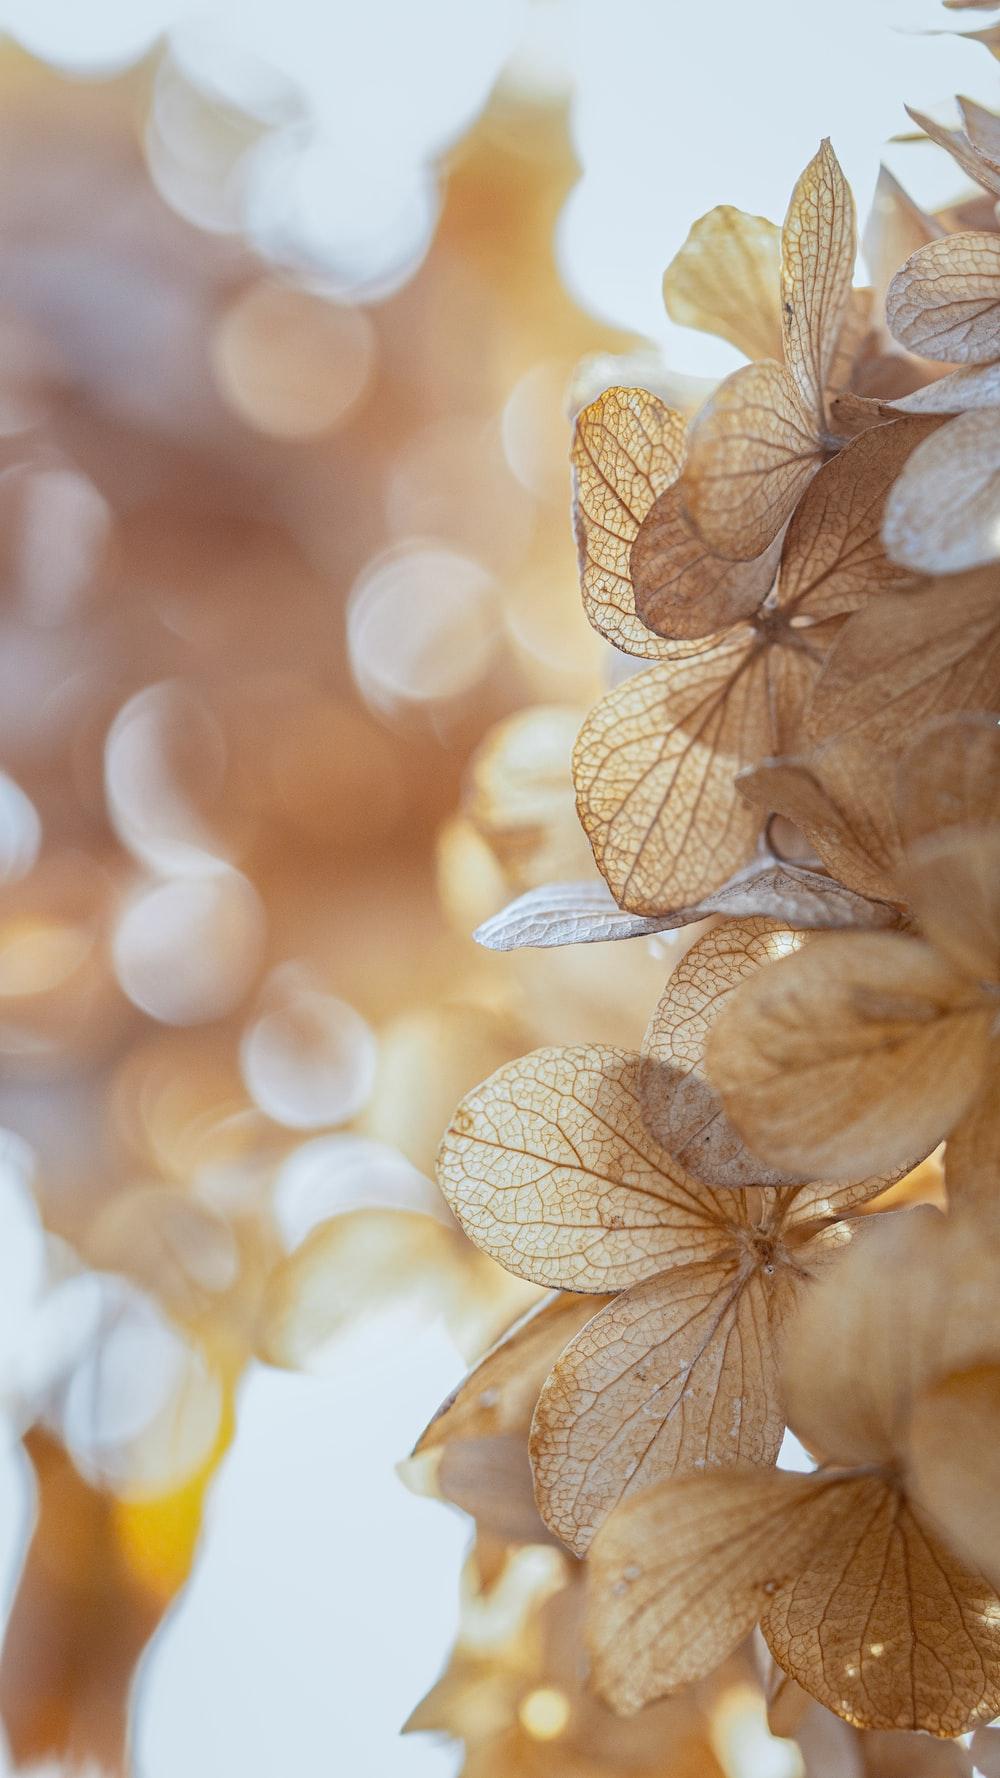 brown and white flower in tilt shift lens